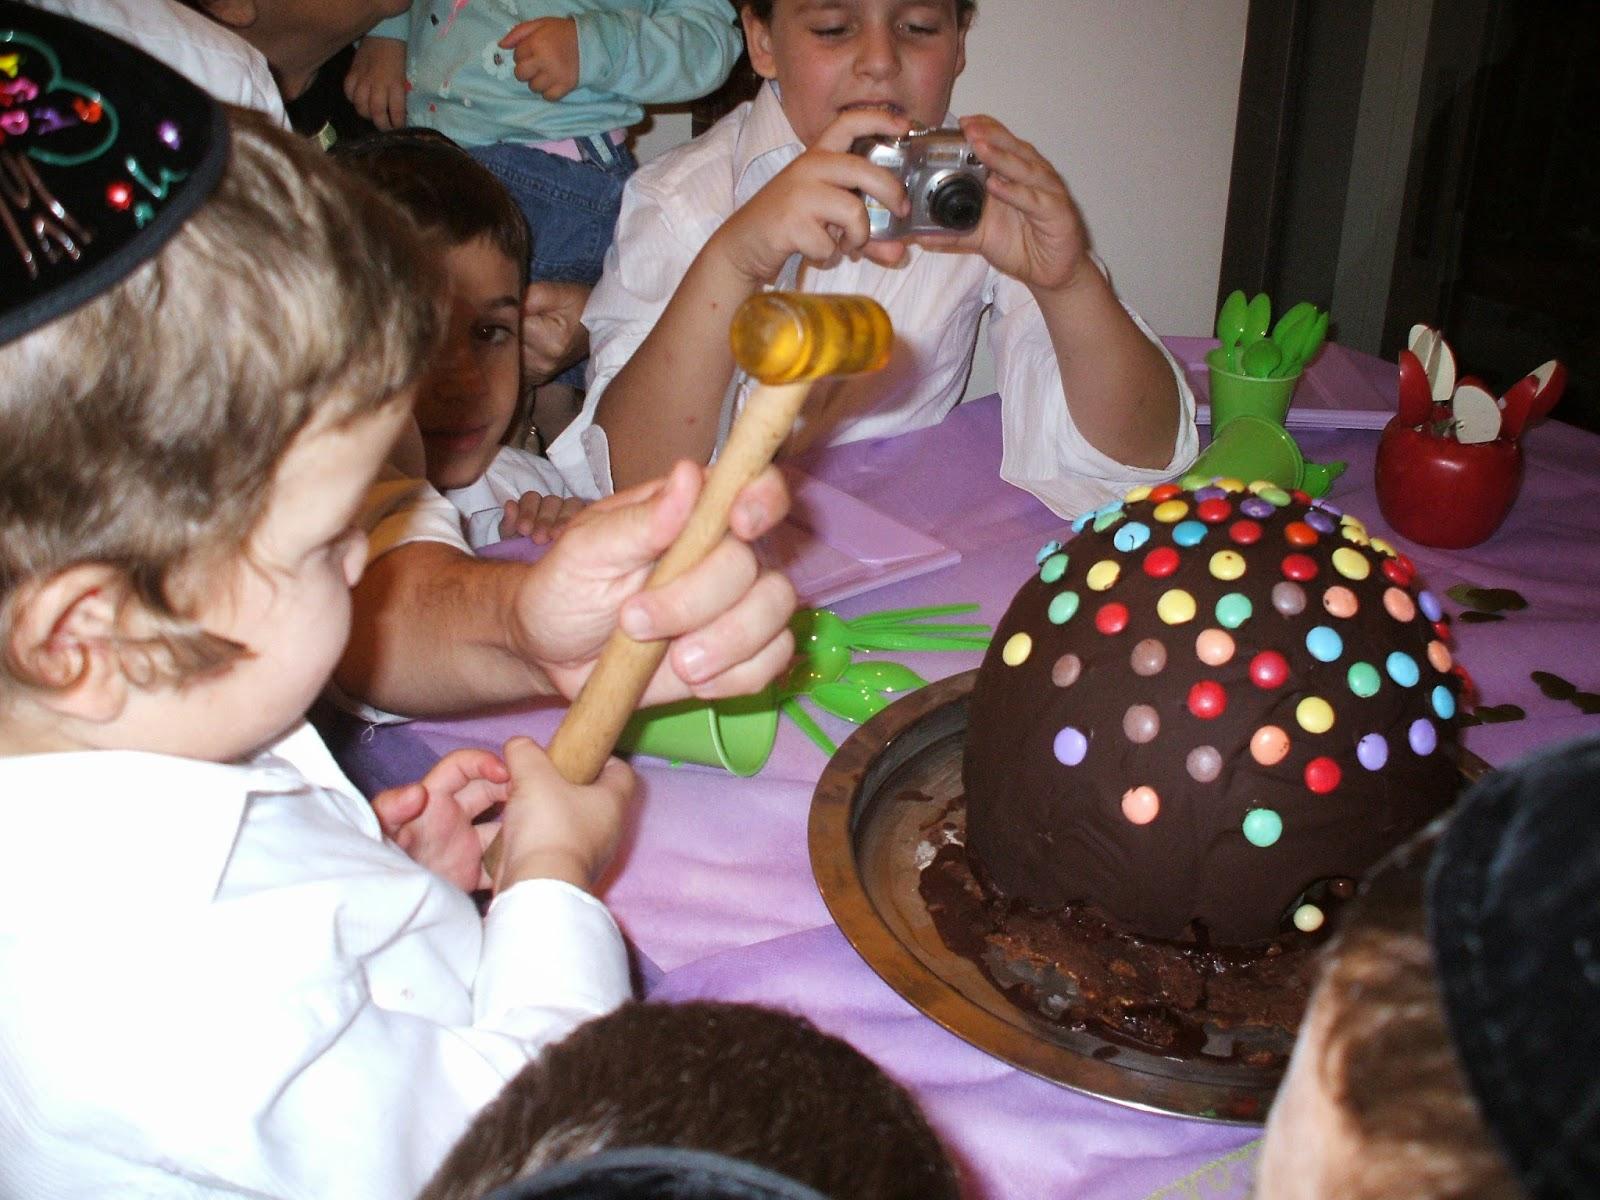 DSCF1226 - עוגה עם הפתעה בפנים